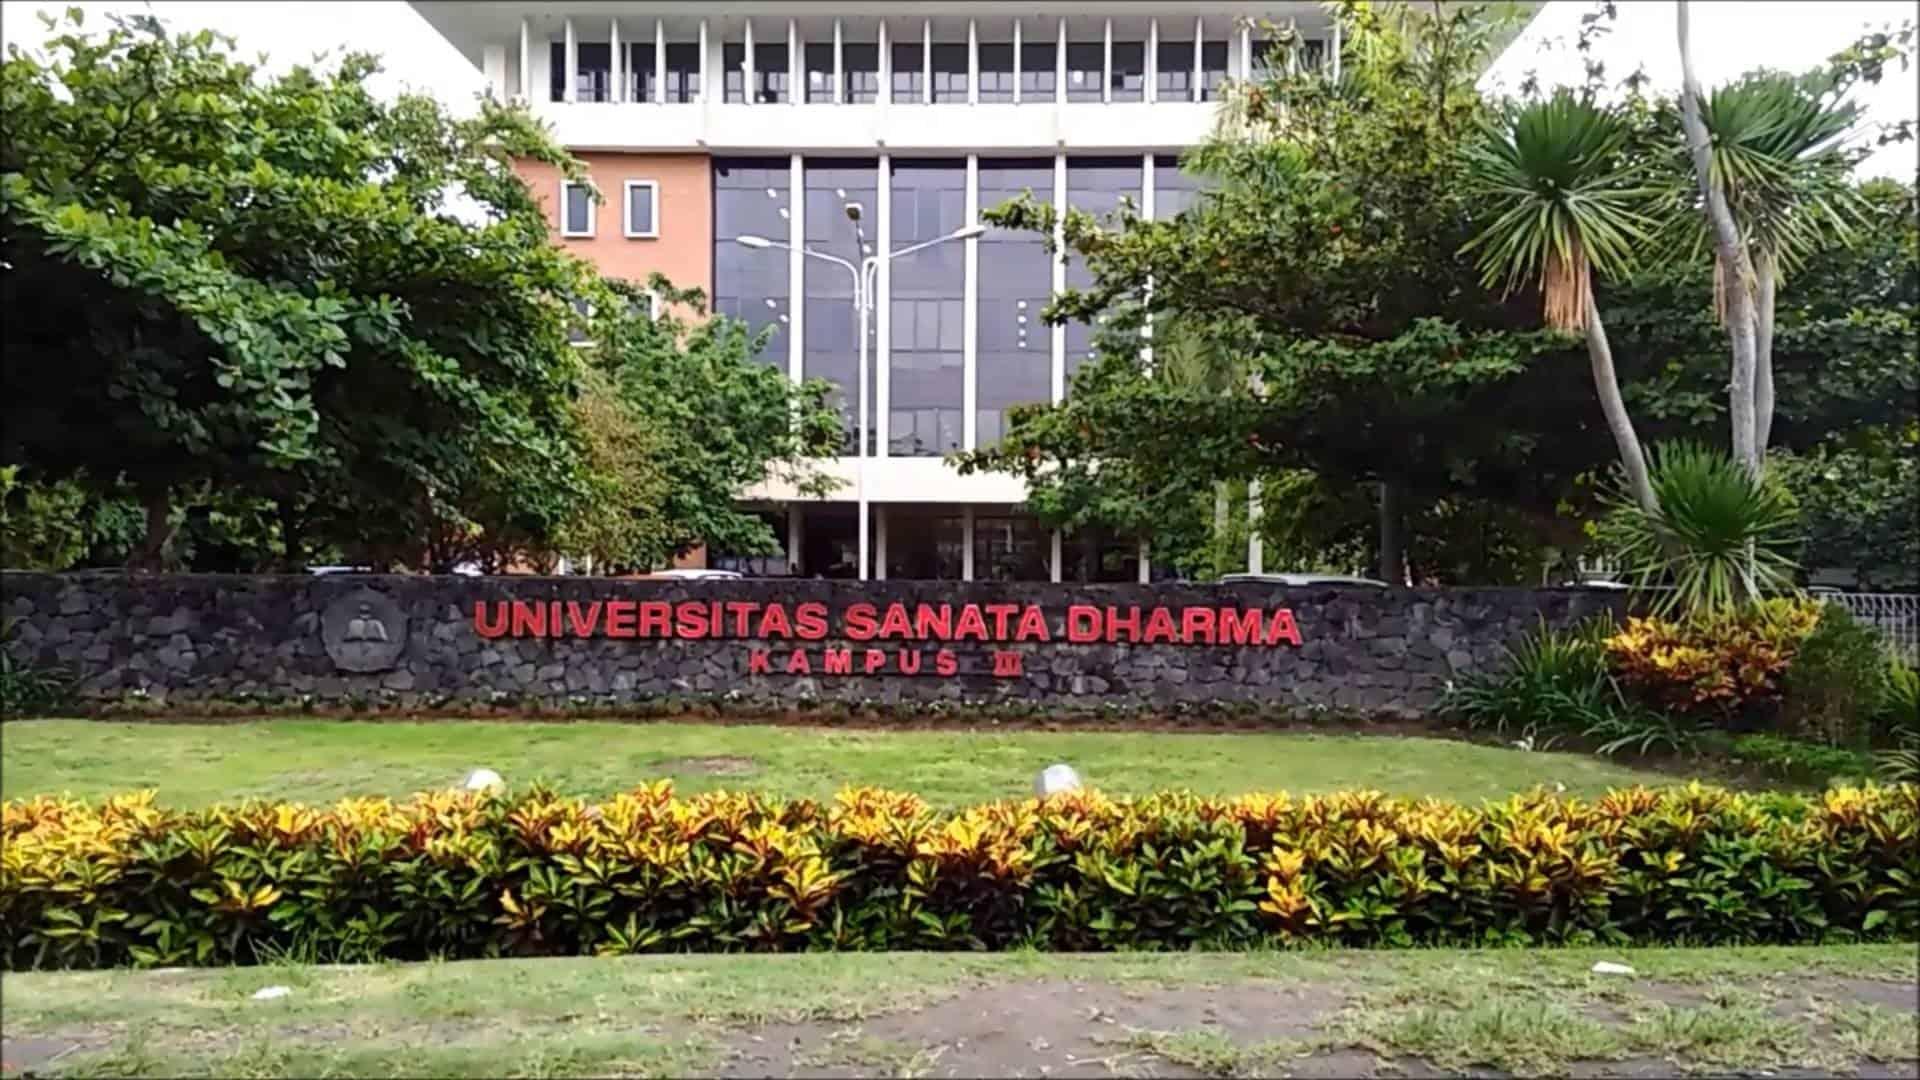 Universitas Sanata Dharma